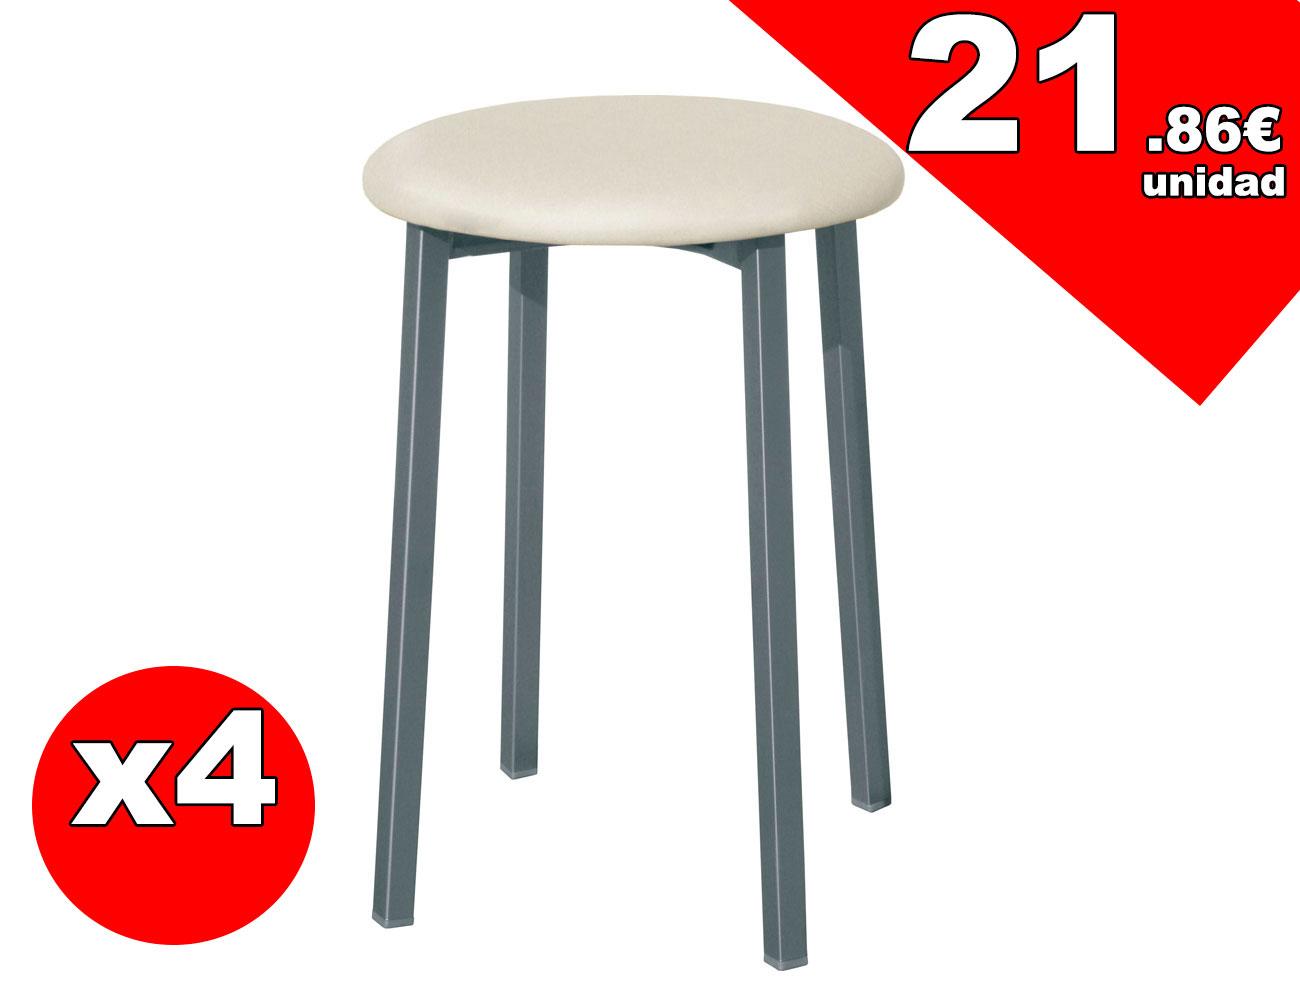 taburete de cocina con asiento en polipiel 3543